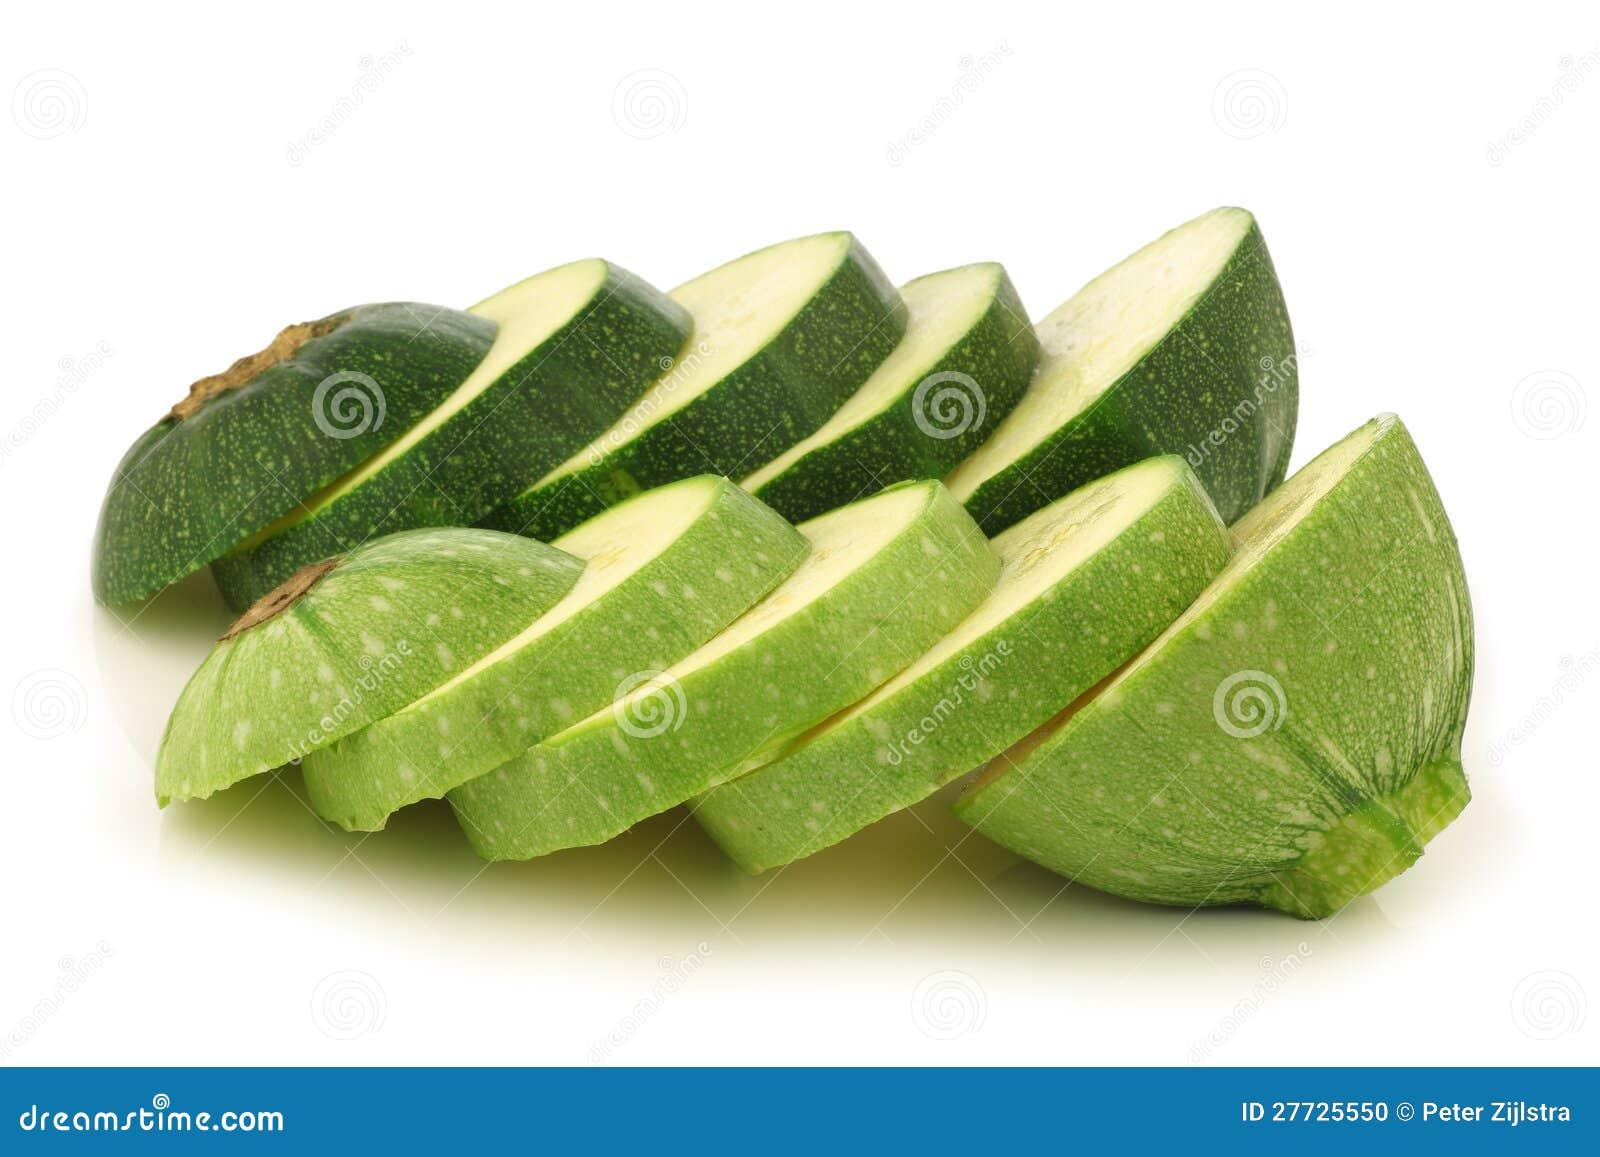 Zwei schnitten ringsum der Zucchini (Cucurbita pepo)